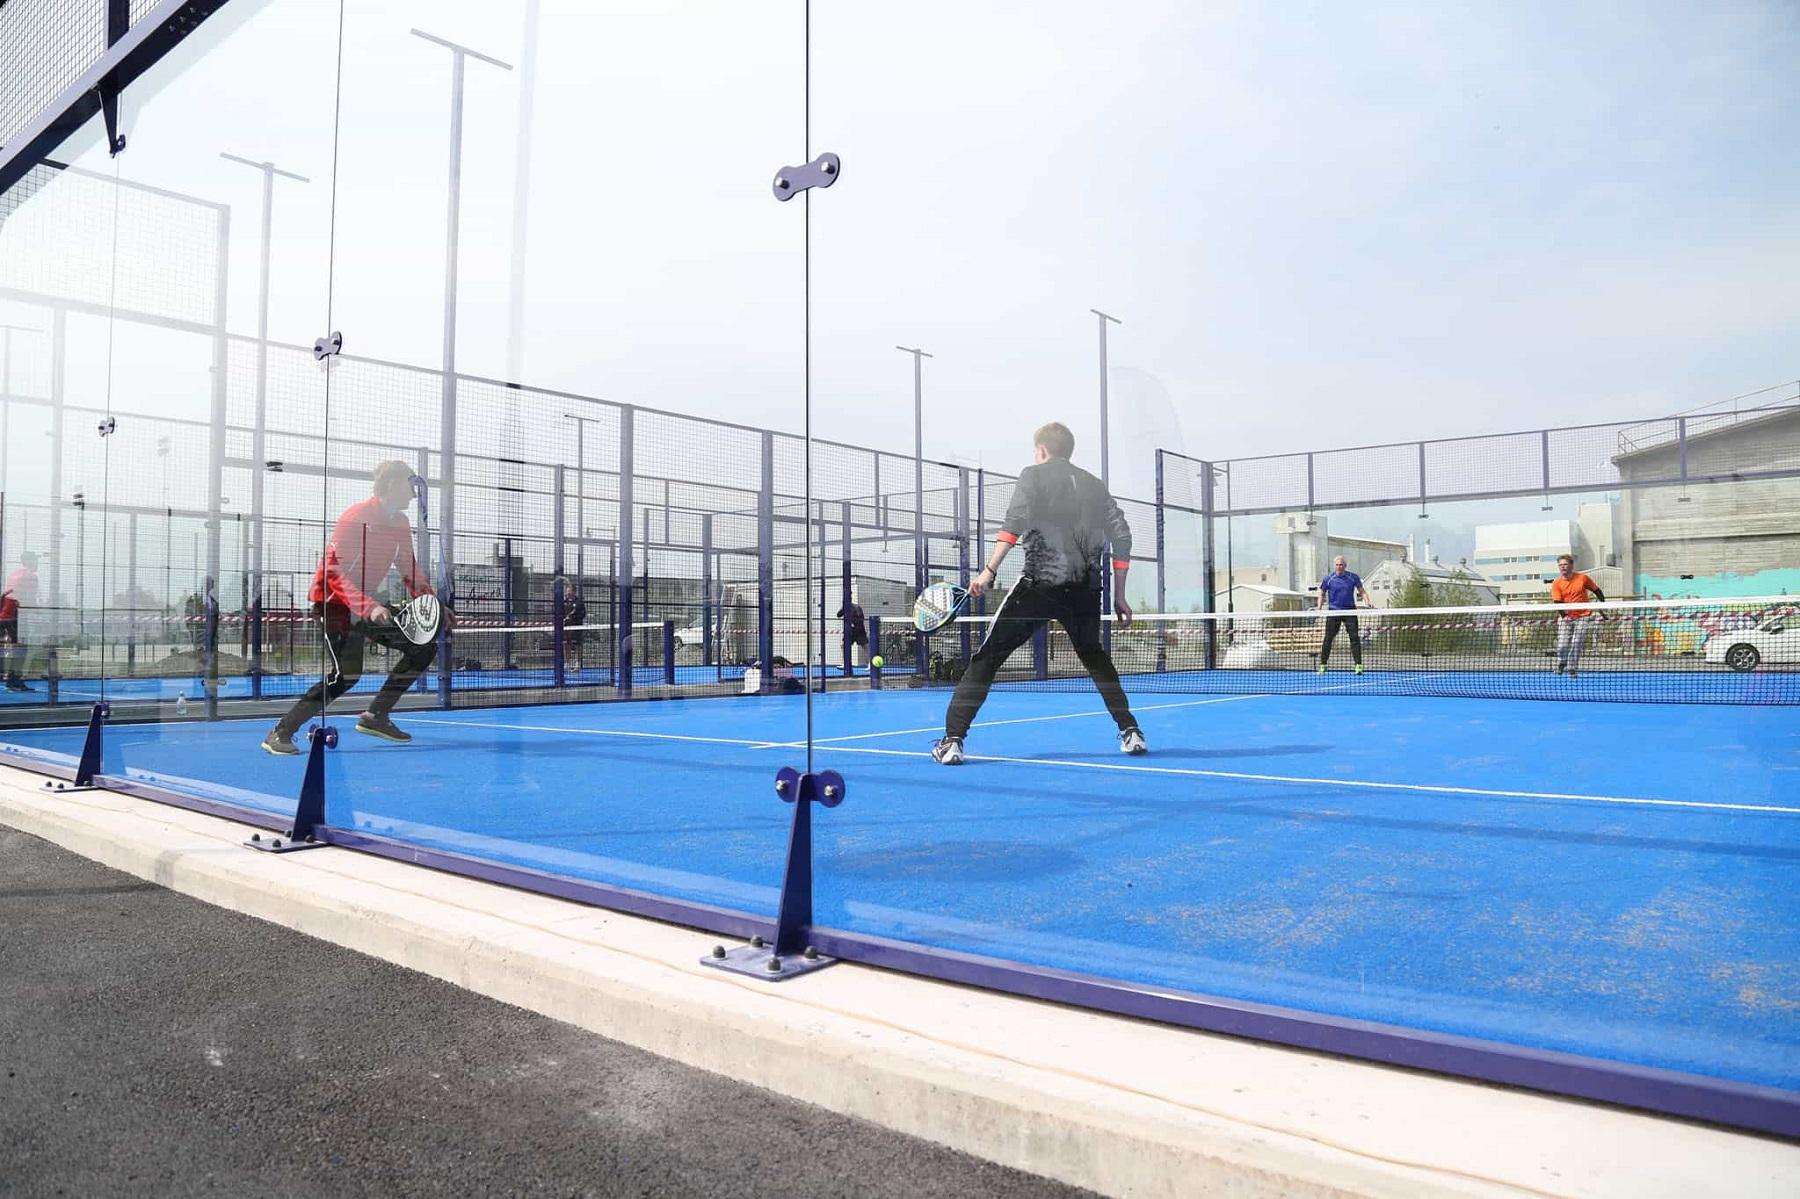 padelbana padel bromölla idrottspark unisport